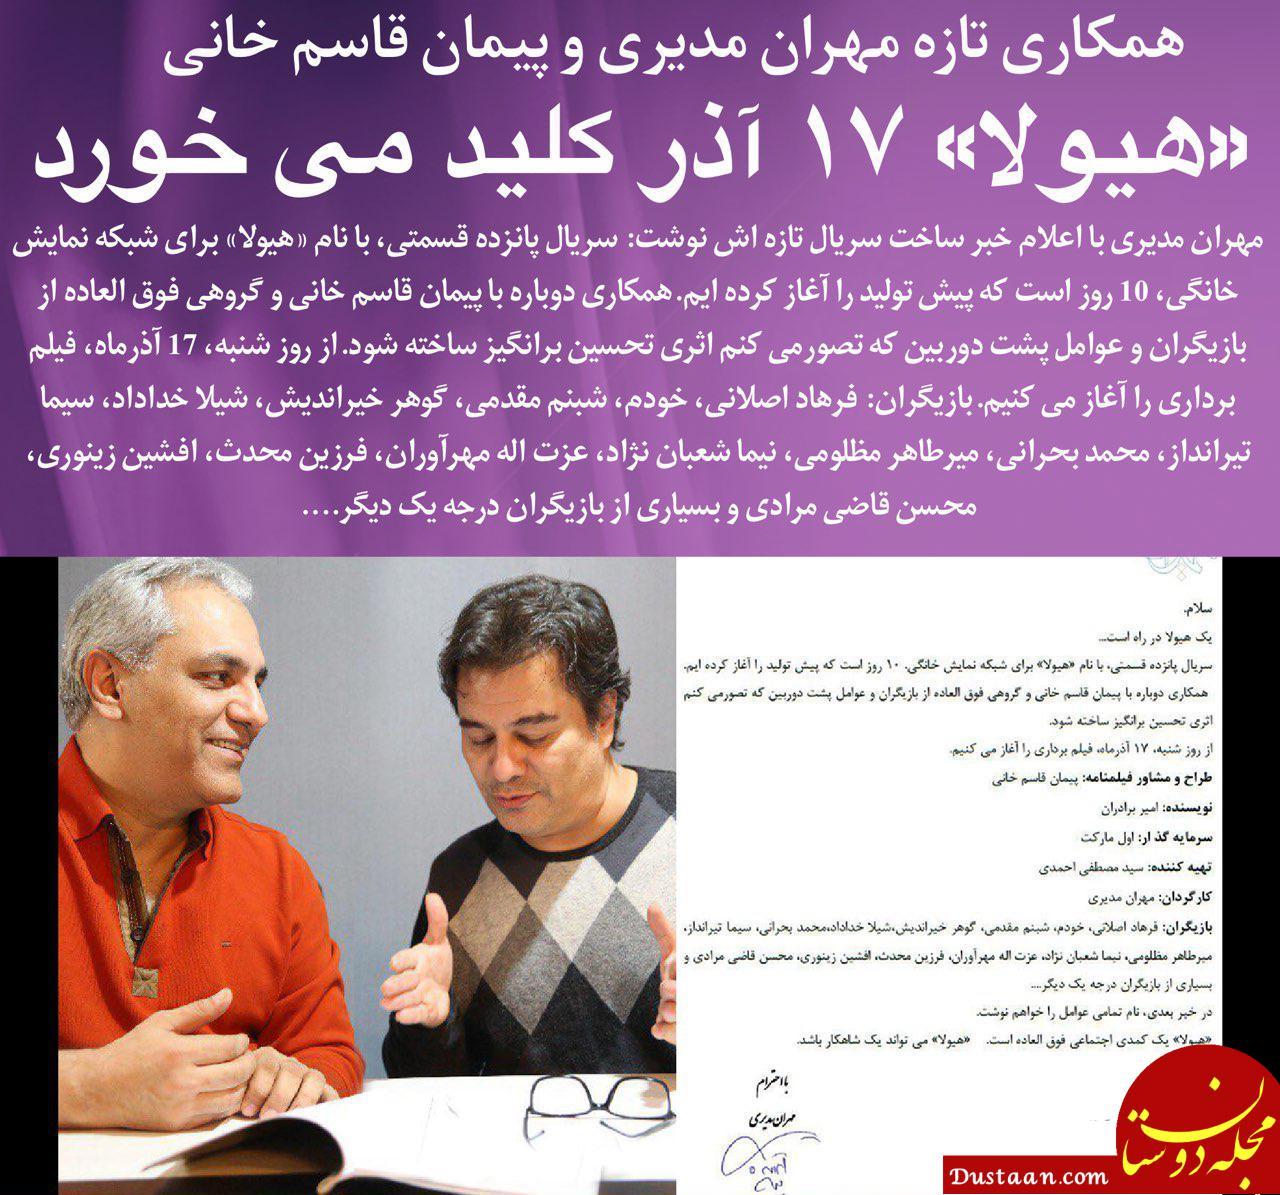 www.dustaan.com همکاری تازه مهران مدیری و پیمان قاسم خانی:«هیولا» ۱۷ آذر کلید می خورد